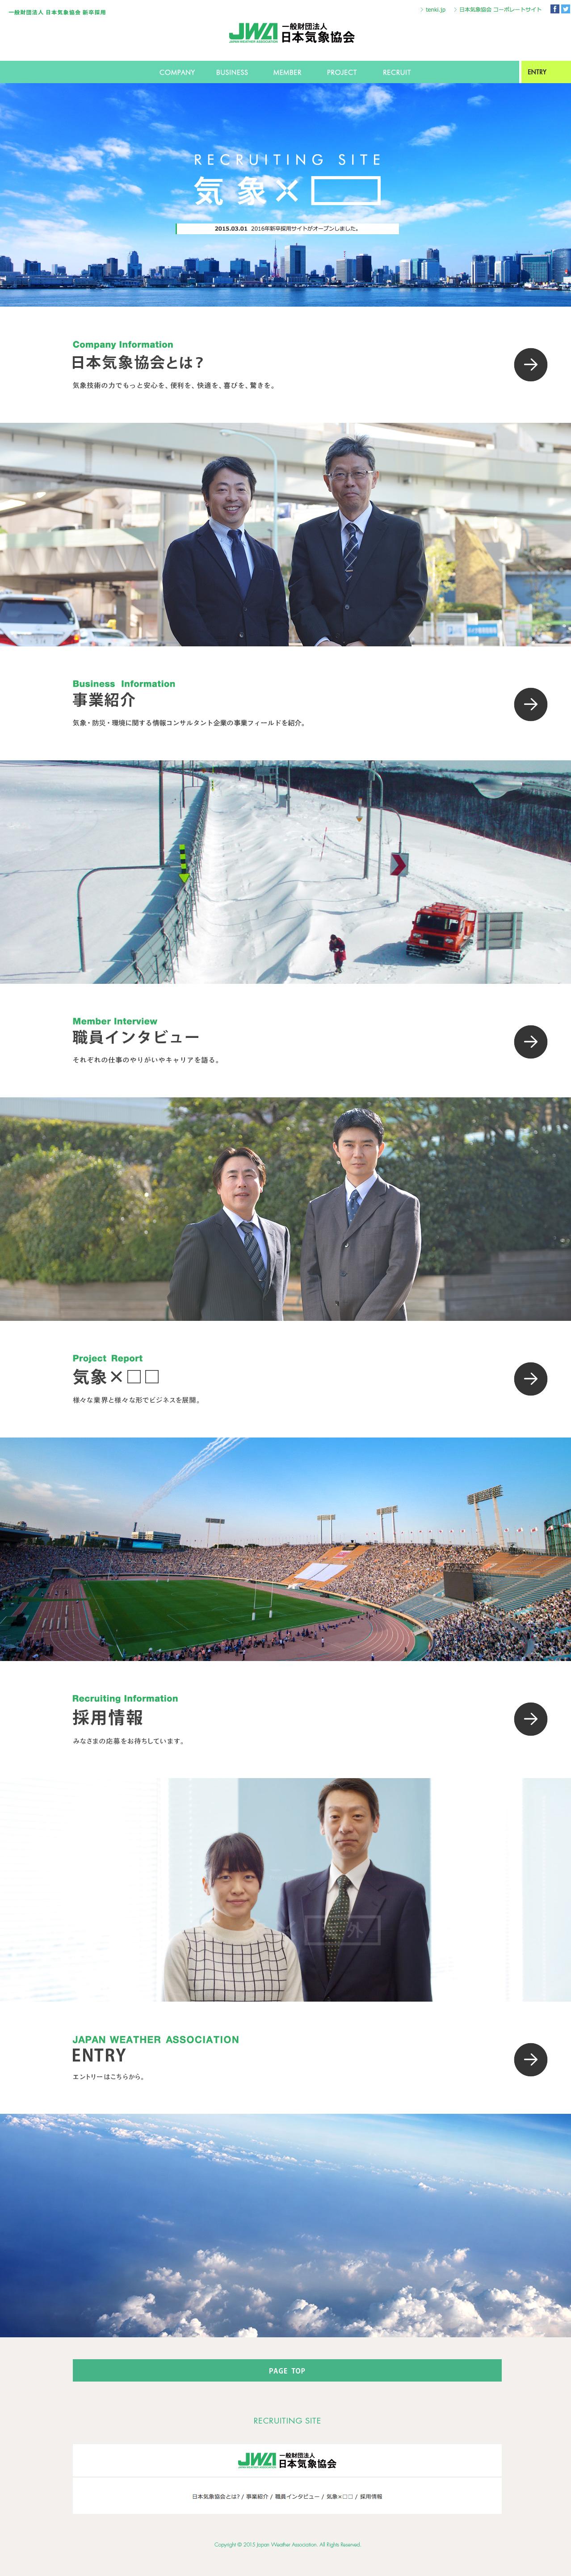 日本気象協会 JWA